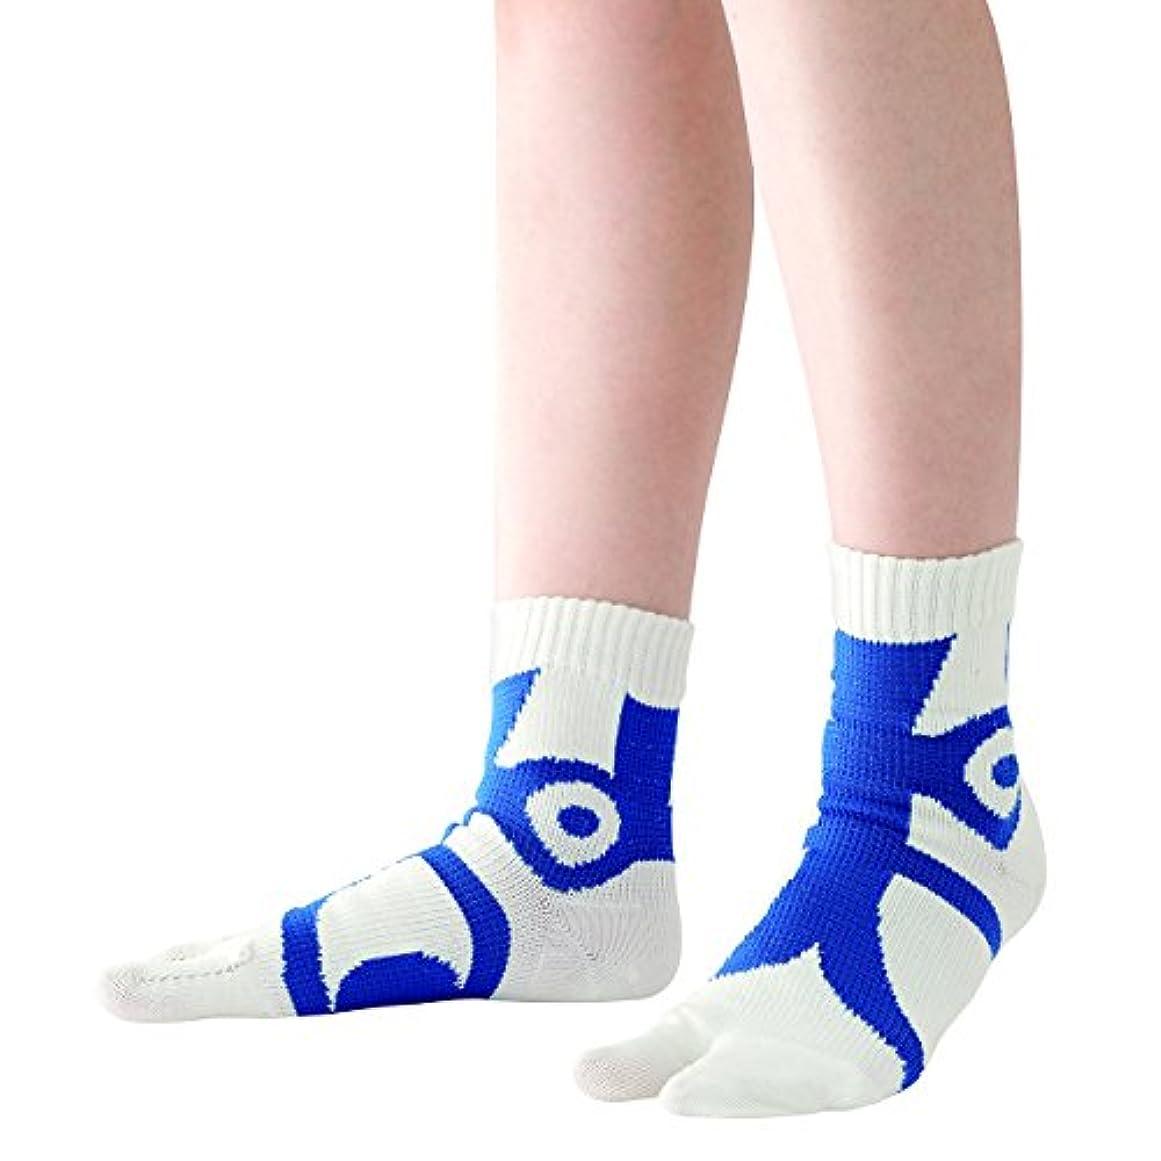 粘性の擬人化うがい薬快歩テーピング靴下 ホワイト×ブルー